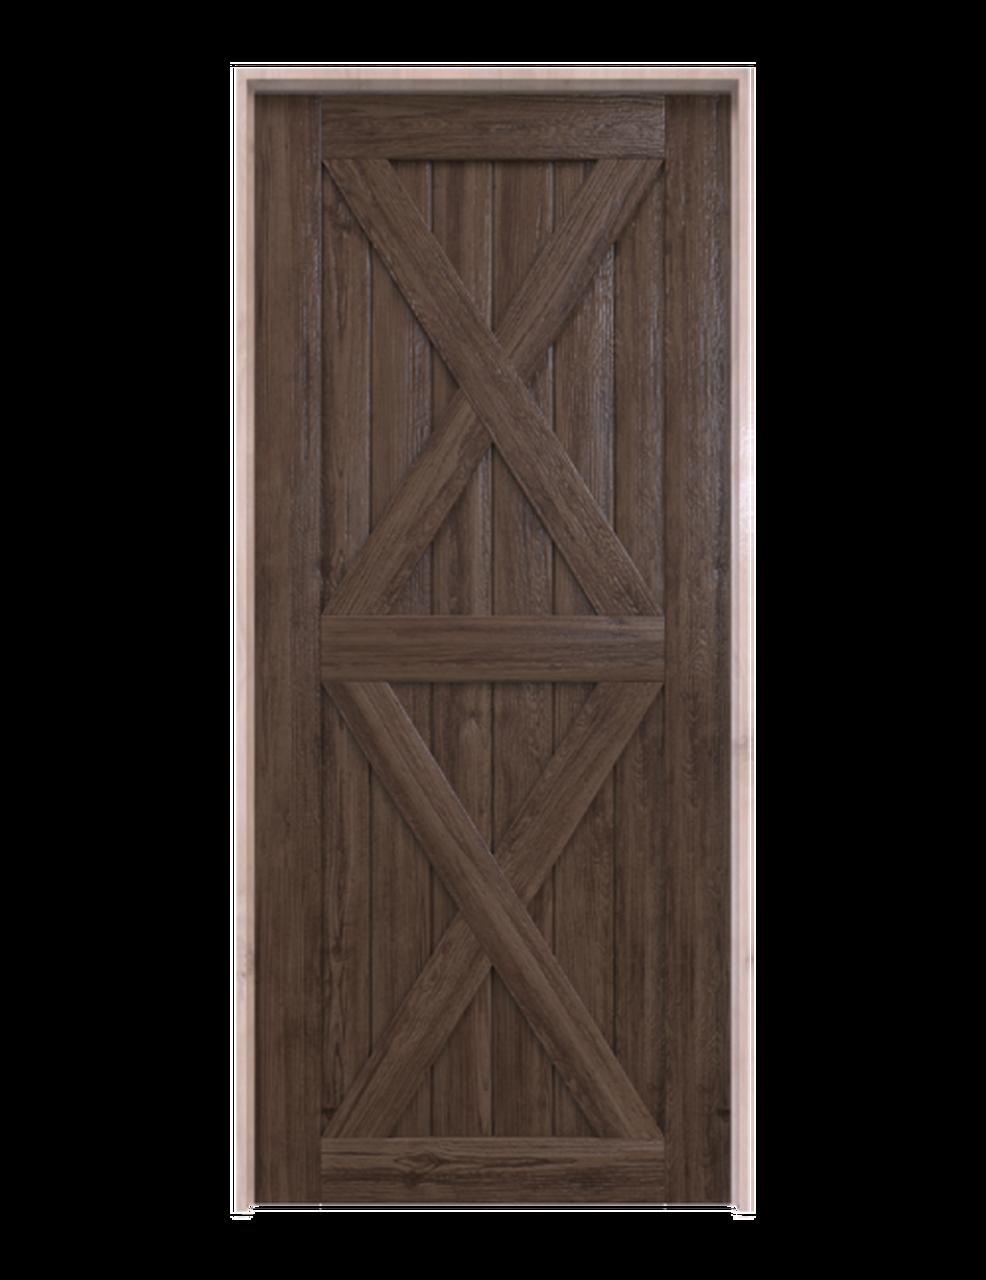 nantucket dark stained wood barn door with double x panel